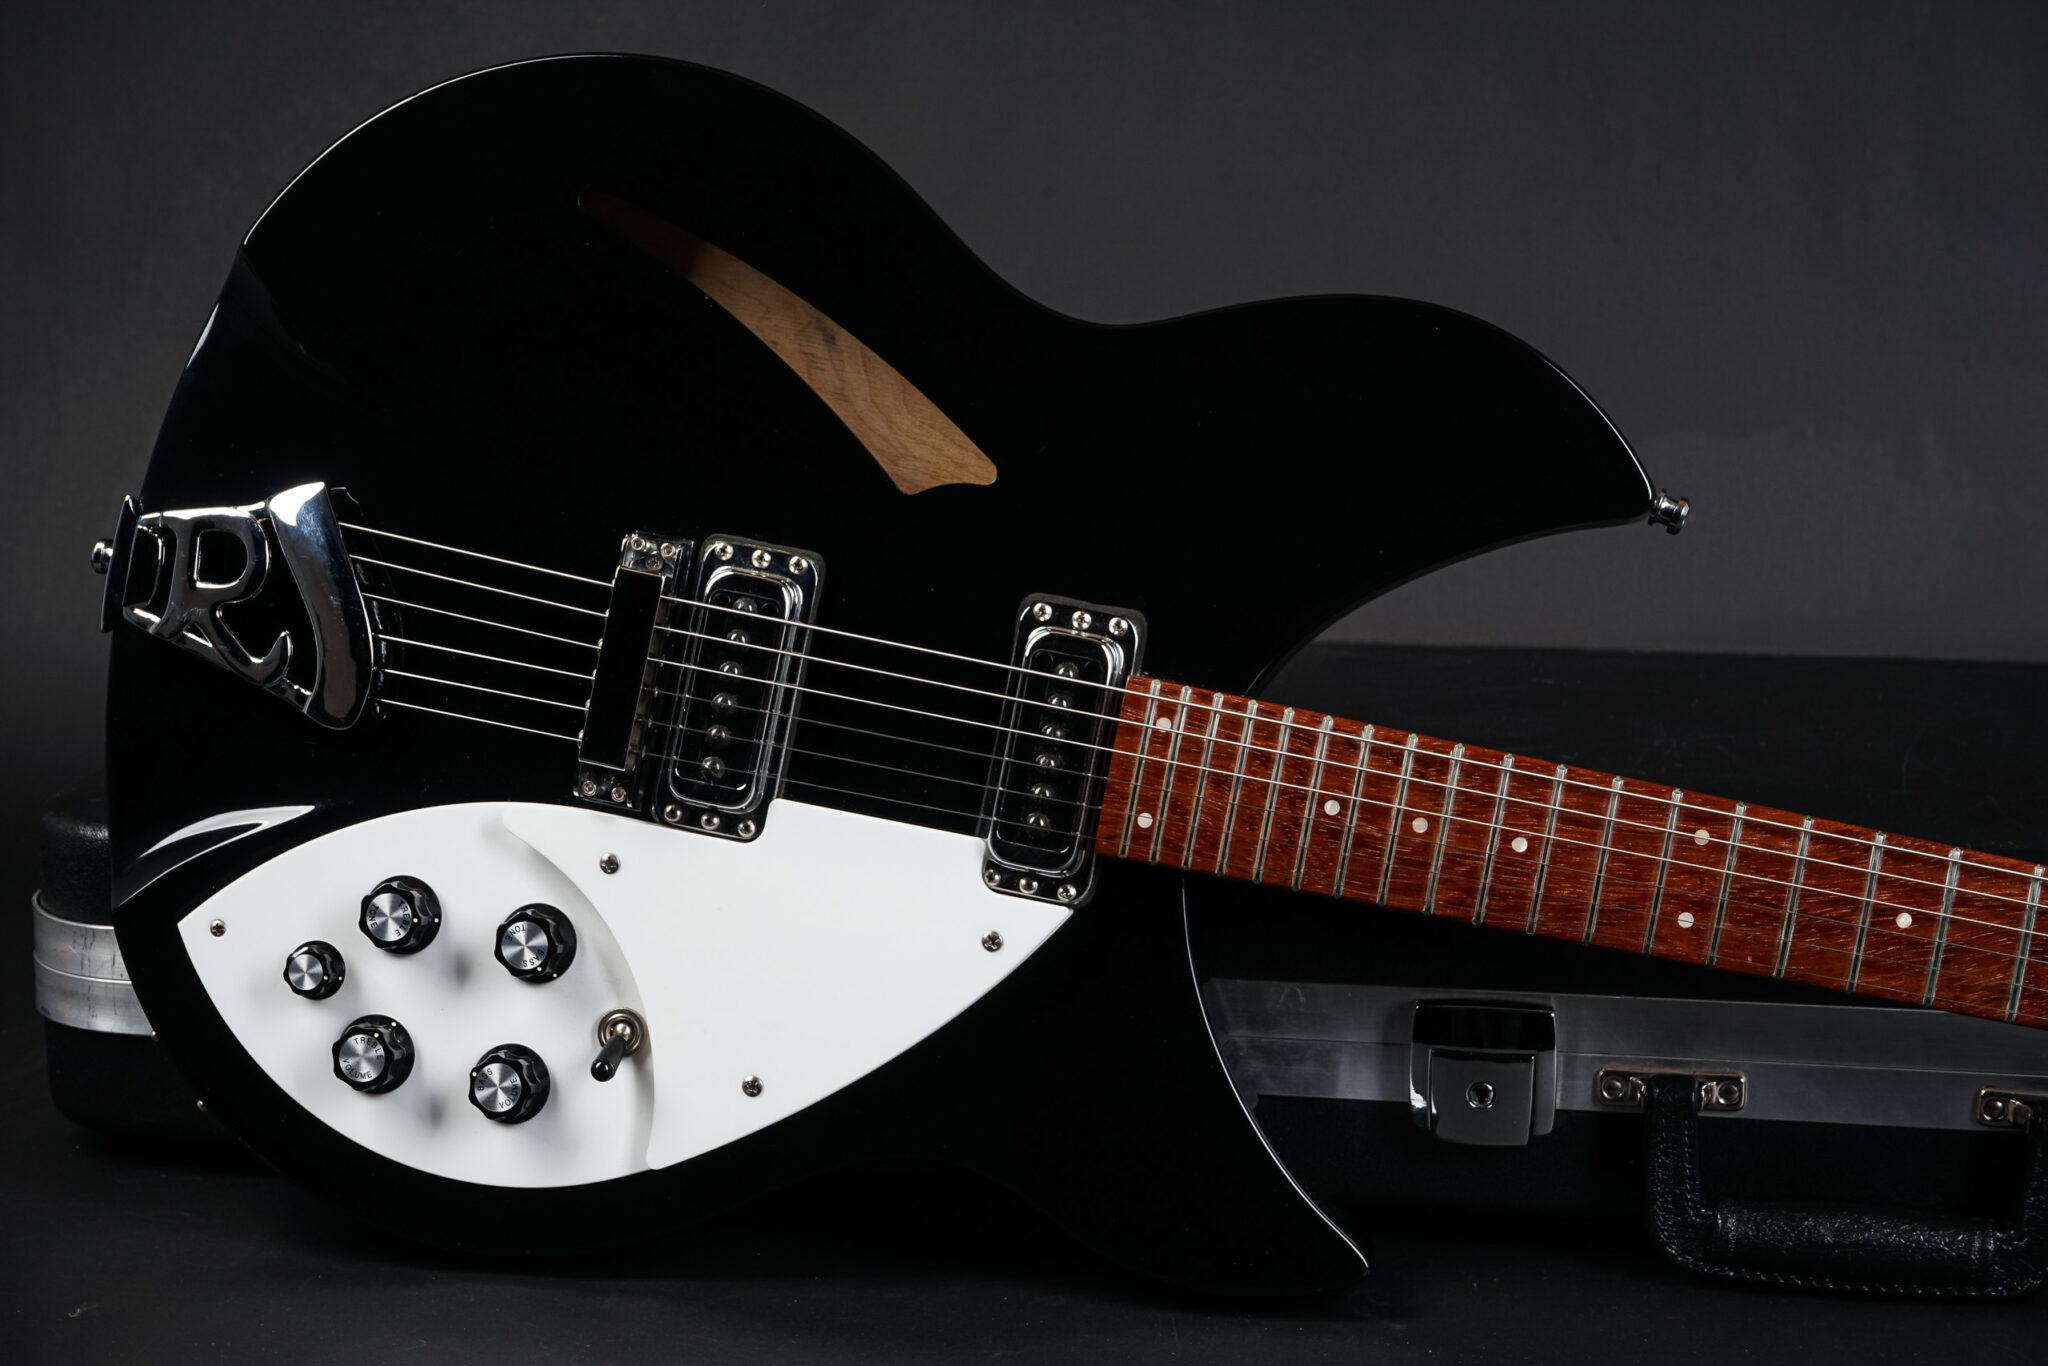 https://guitarpoint.de/app/uploads/products/2004-rickenbacker-330-jetglo/2000-Rickenbacker-330-Jetglo-0020838-8-2048x1366.jpg